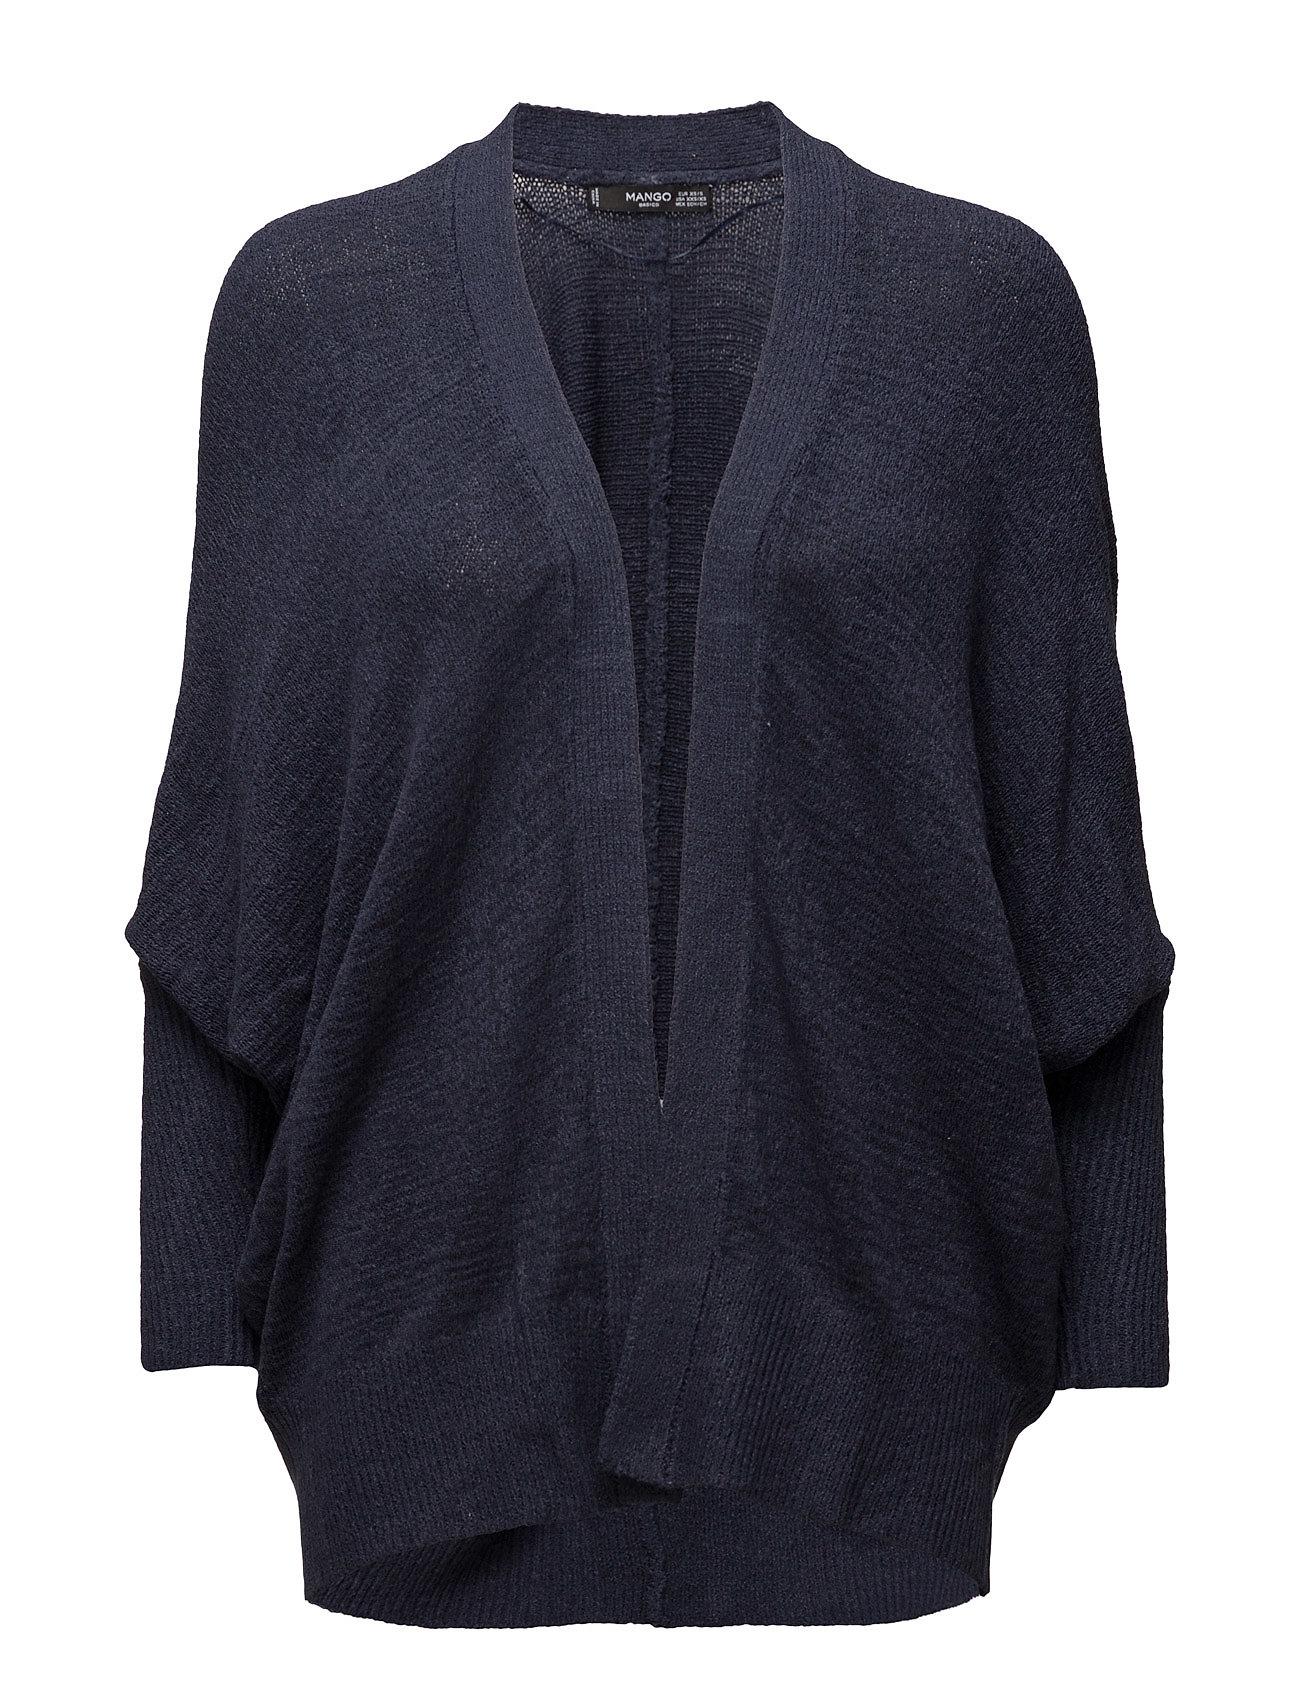 Textured Knit Cardigan Mango Striktøj til Kvinder i Navy blå